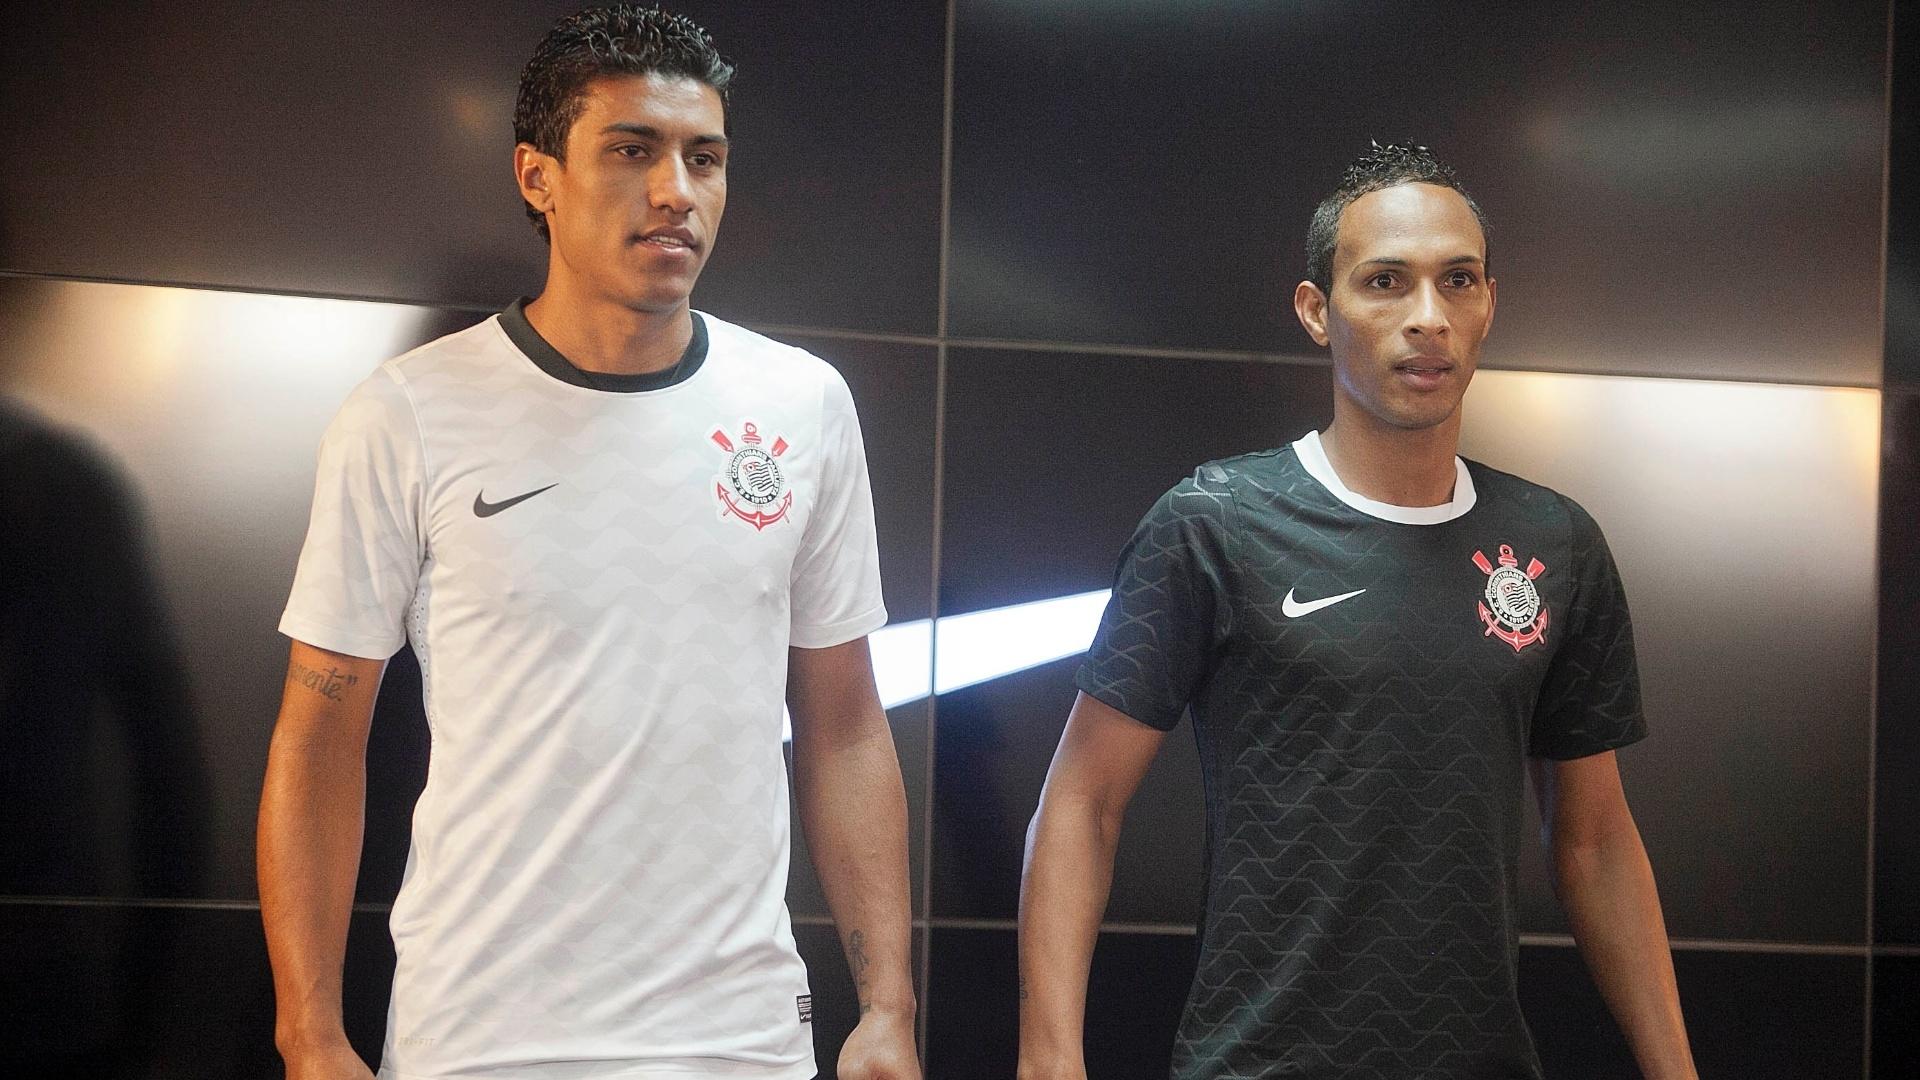 Corinthians apresenta novos uniformes feitos com reciclagem de garrafas pet  - 04 05 2012 - UOL Esporte f7f2c825f4ed6